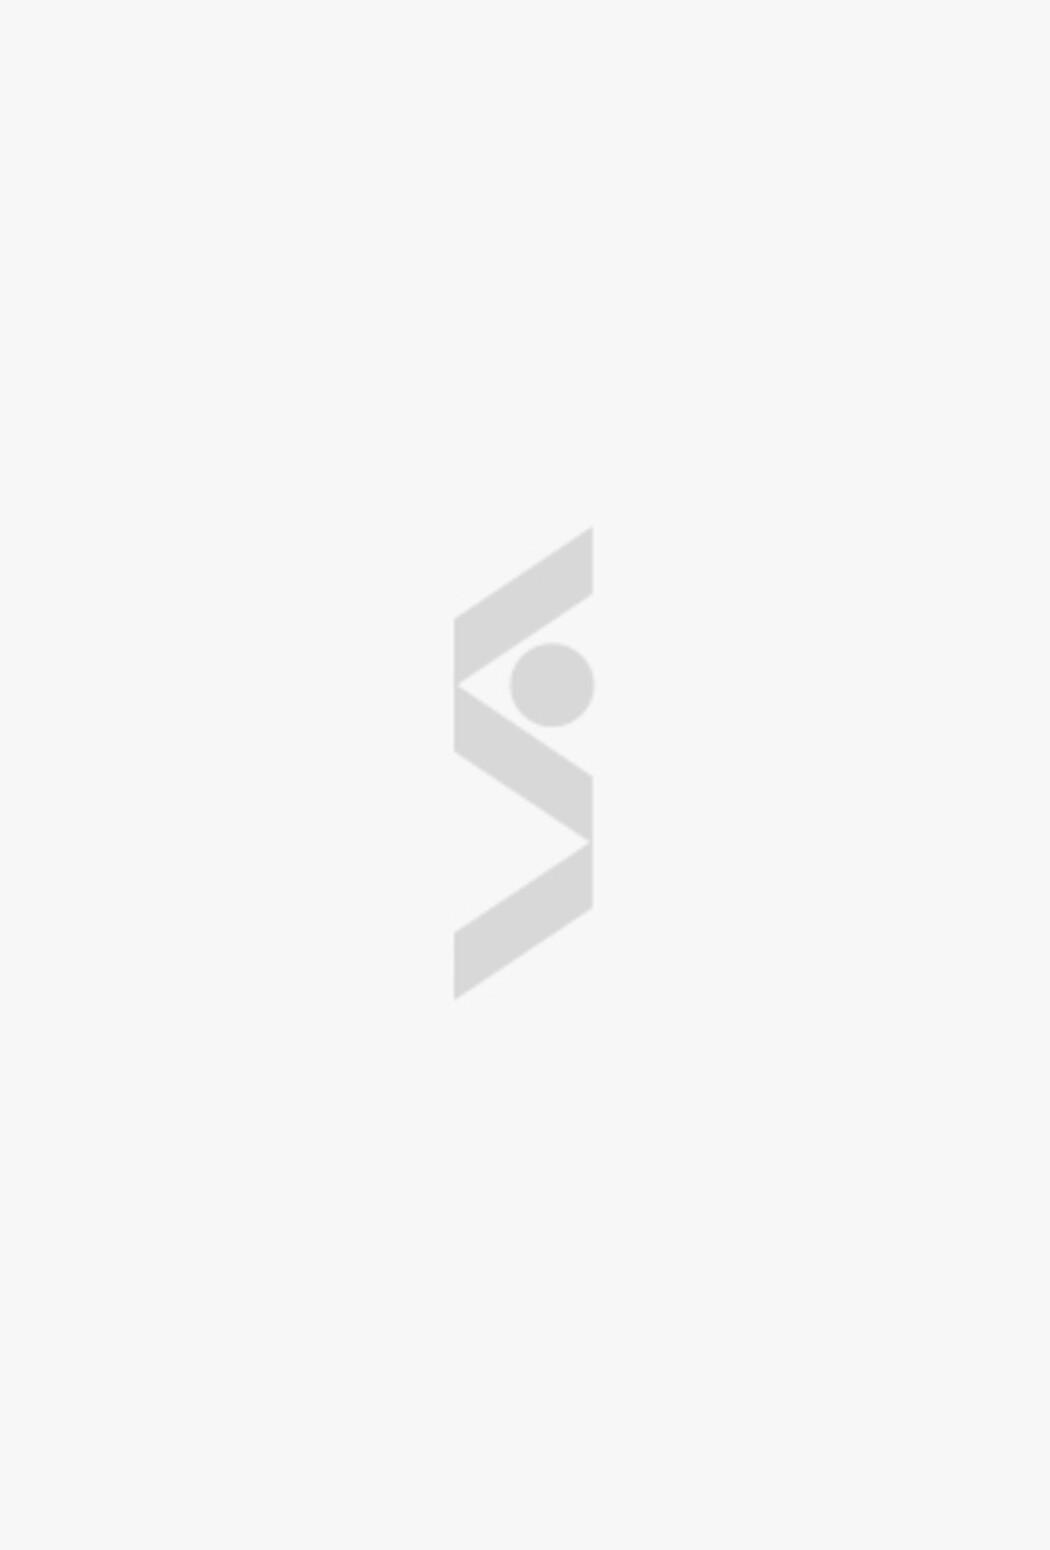 Хлопковое худи scary Benetton - скоро в продаже в интернет-магазине СТОКМАНН в Москве